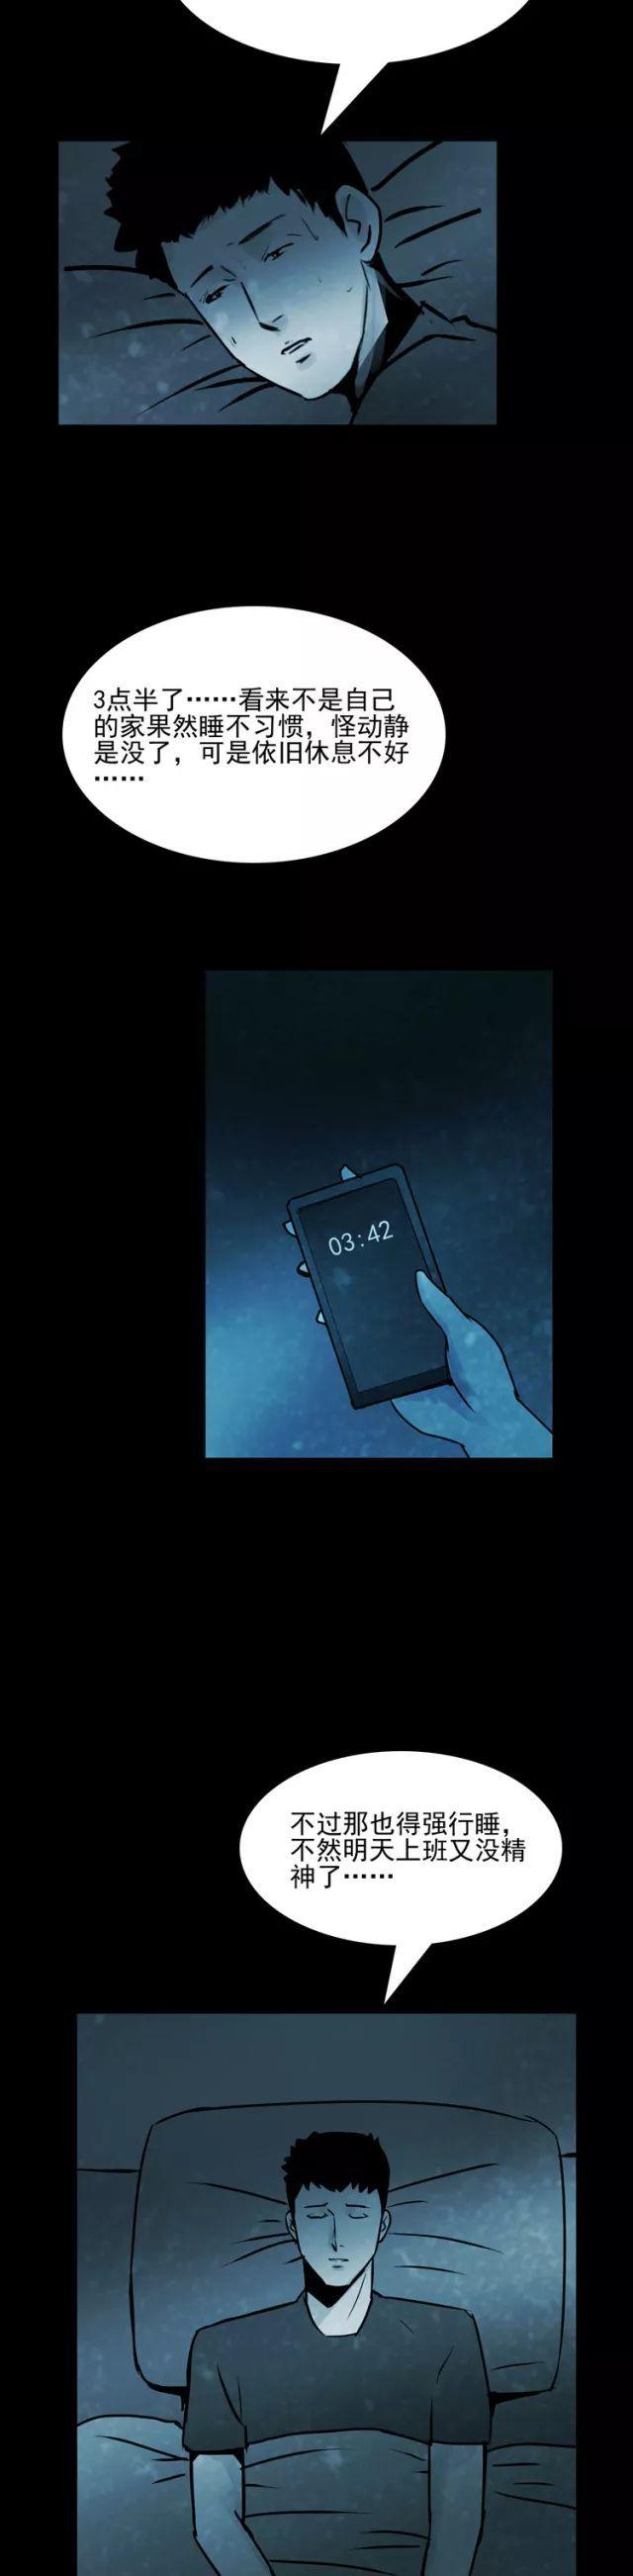 范冰冰 李治廷早前亮相活动,网友:李治廷你的手有点过界了!